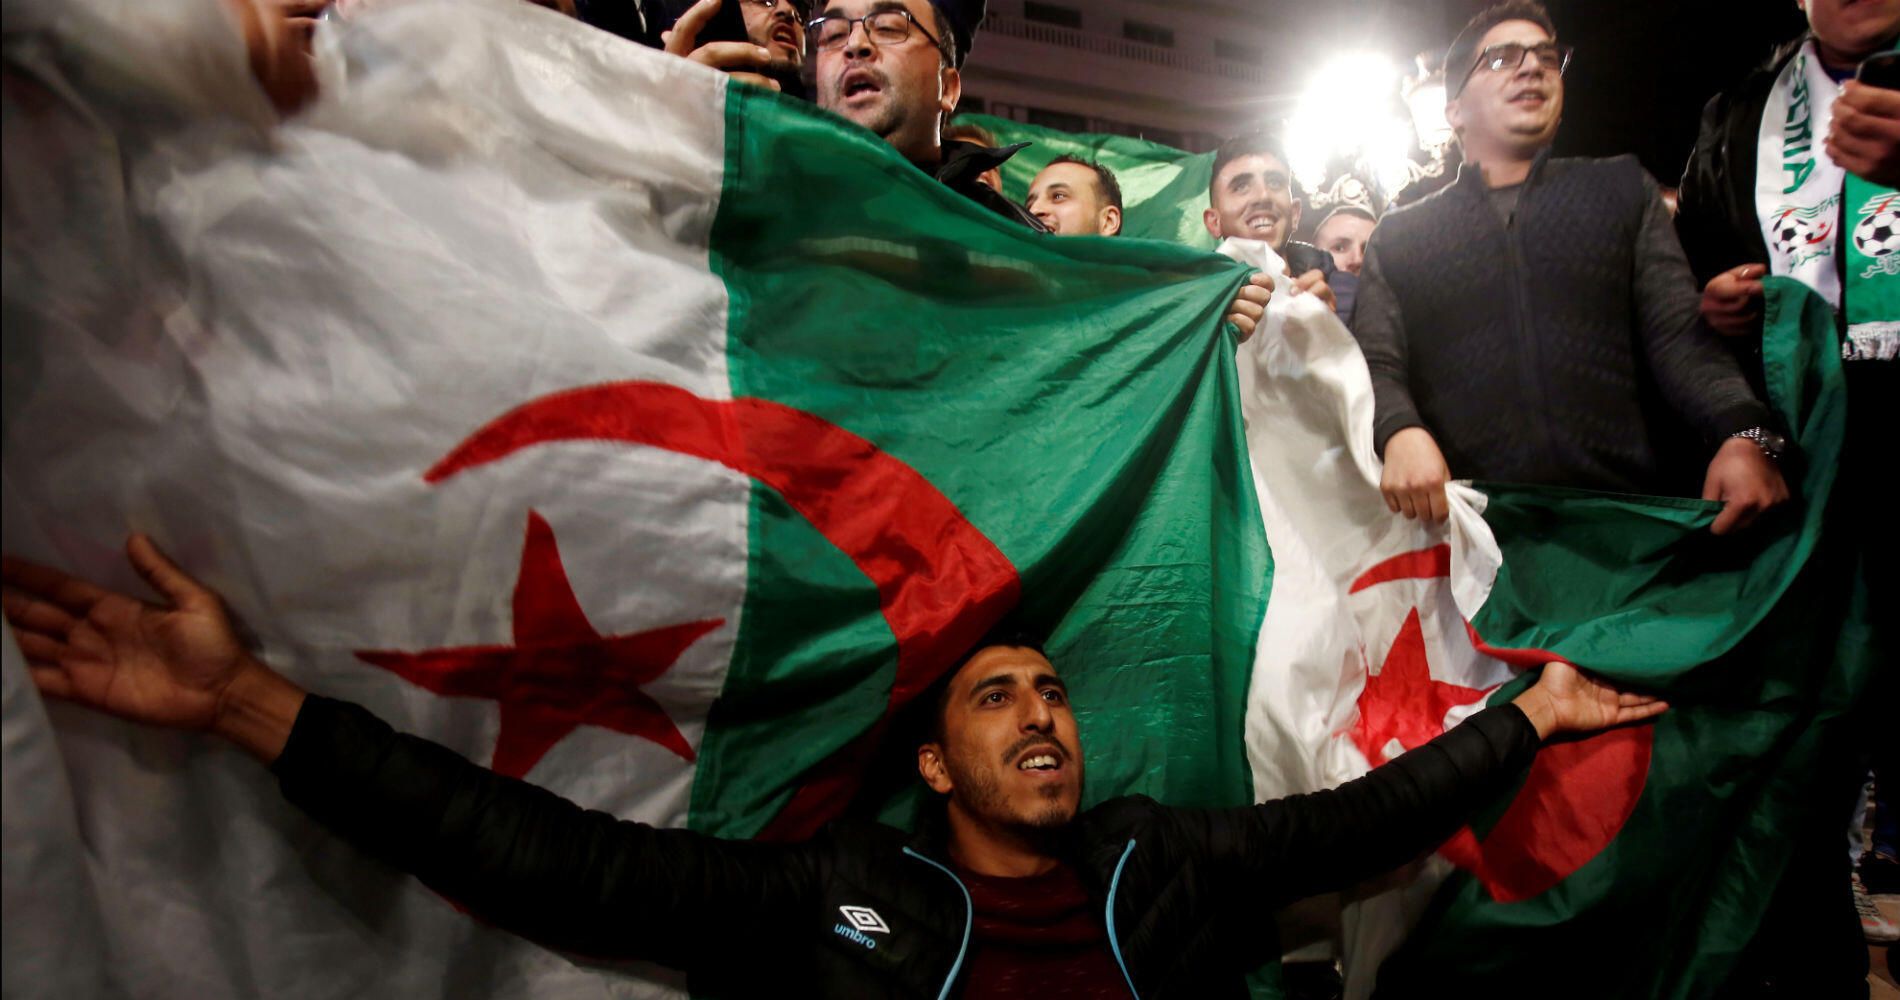 """Beaucoup d'Algérois ont répété leur détermination à continuer de manifester malgré cette démission, refusant la transition prévue par la Constitution qui laisse aux commandes les acteurs du """"système""""."""